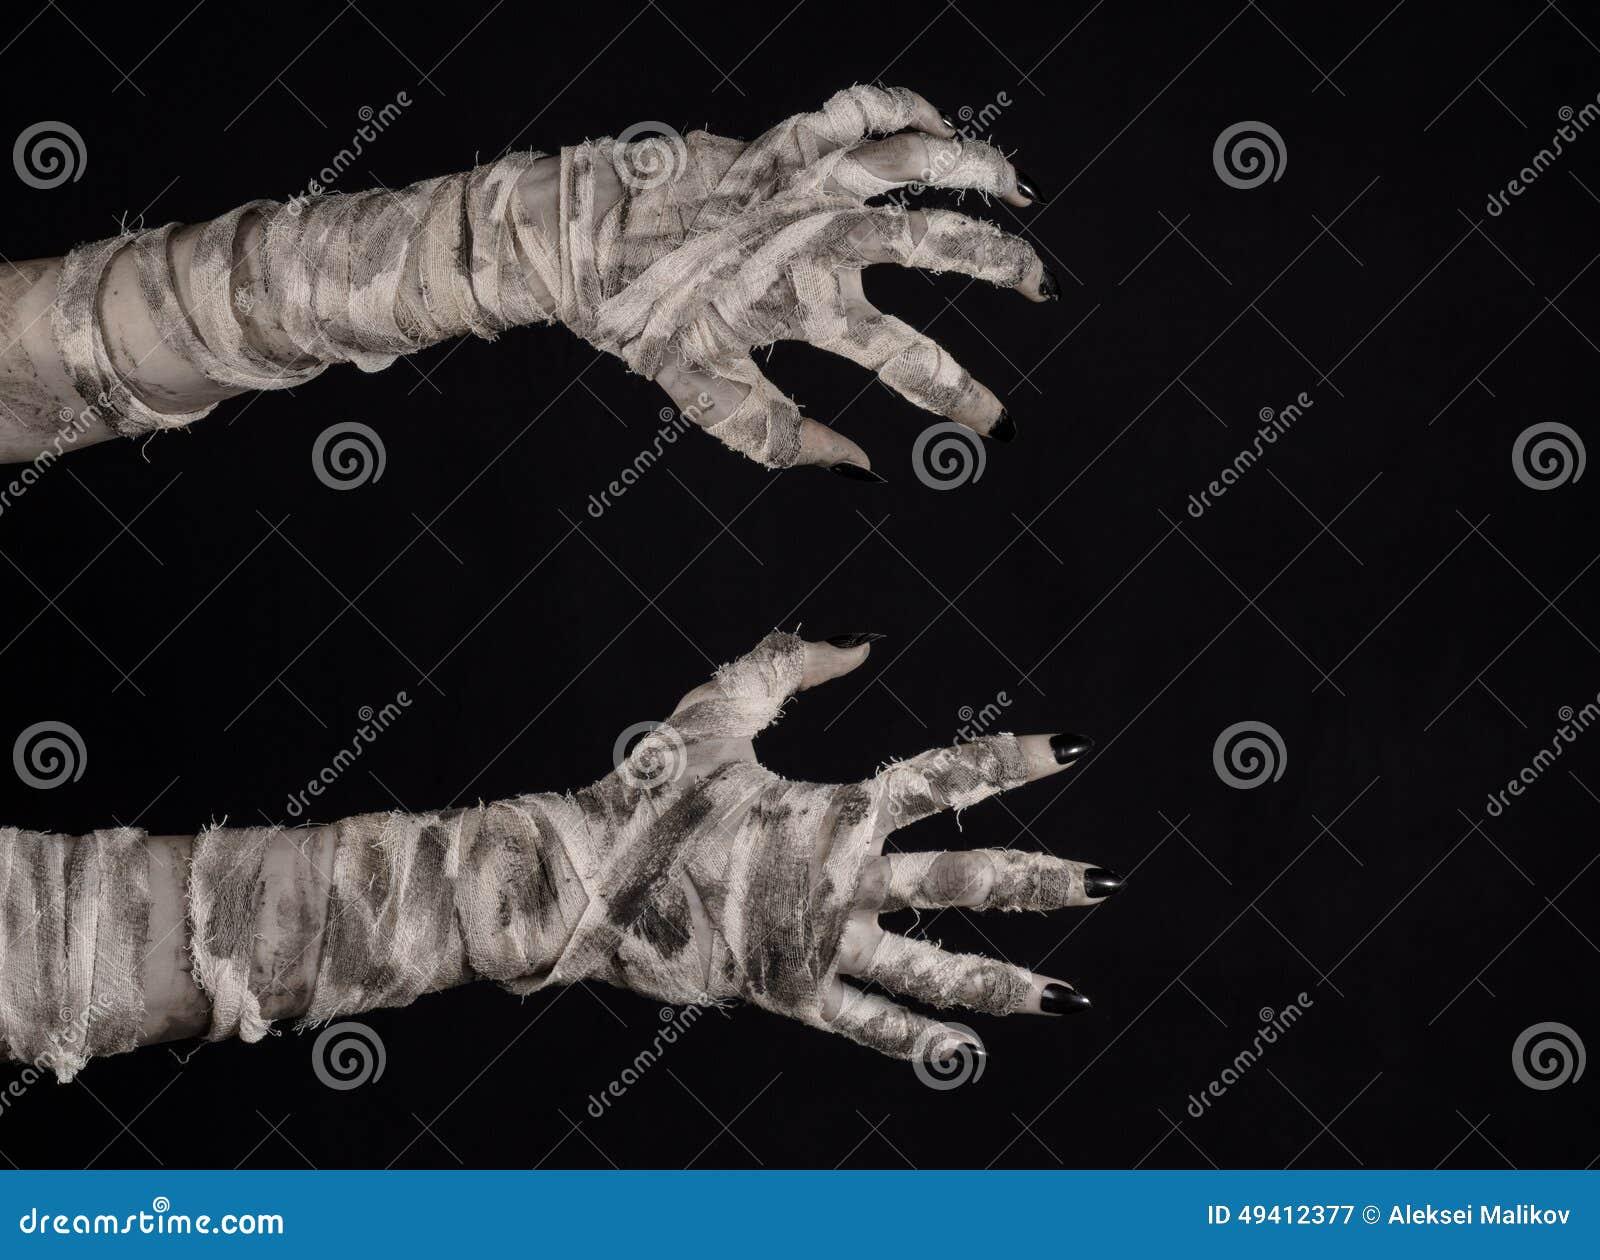 Download Halloween-Thema: Schreckliche Alte Mamahände Auf Einem Schwarzen Hintergrund Stockbild - Bild von finger, creepy: 49412377